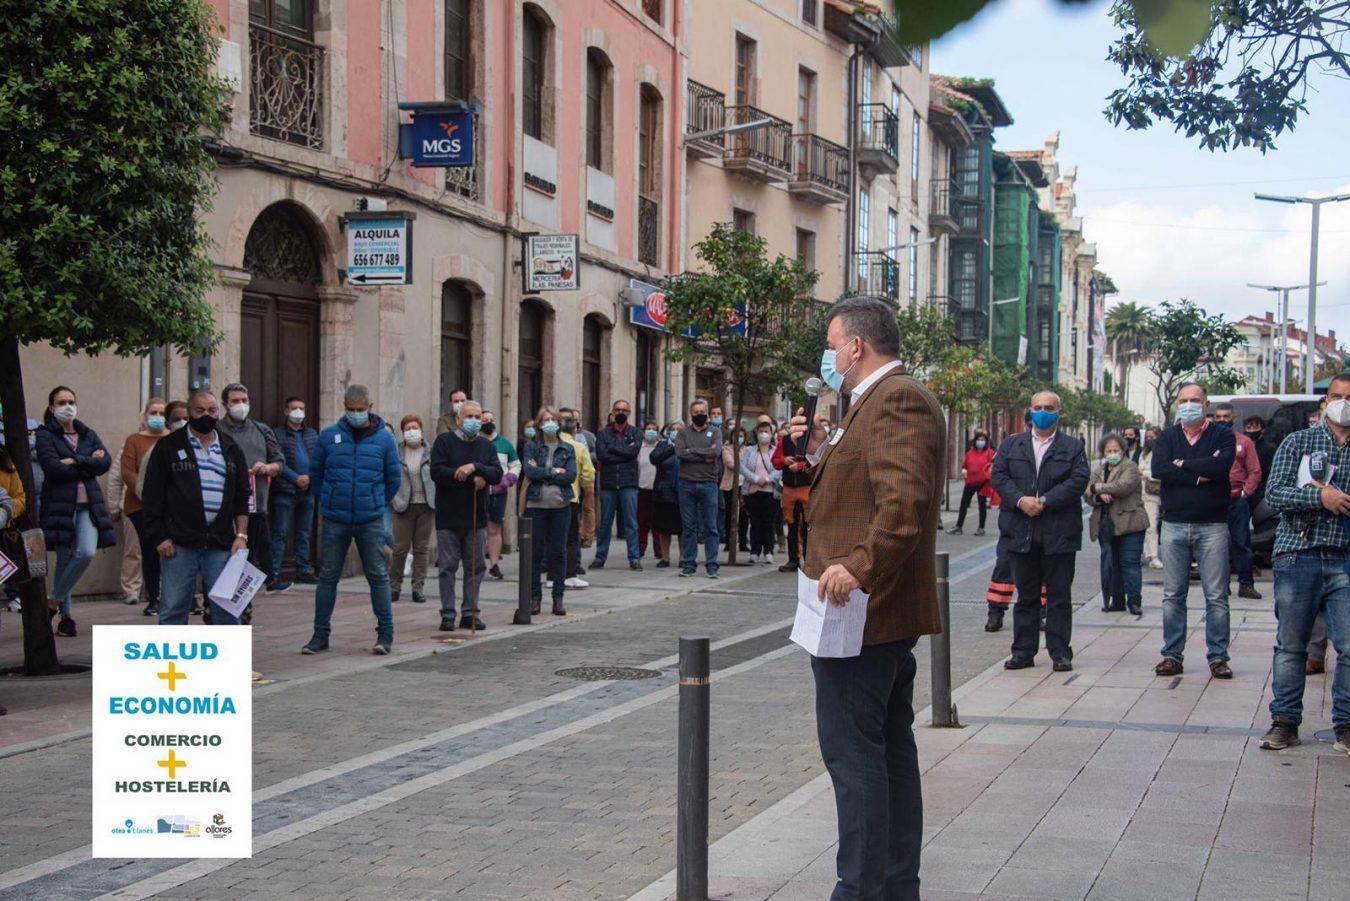 Los hosteleros del oriente piden que los ayuntamientos se mojen con ayudas y sigan el ejemplo del Gobierno asturiano